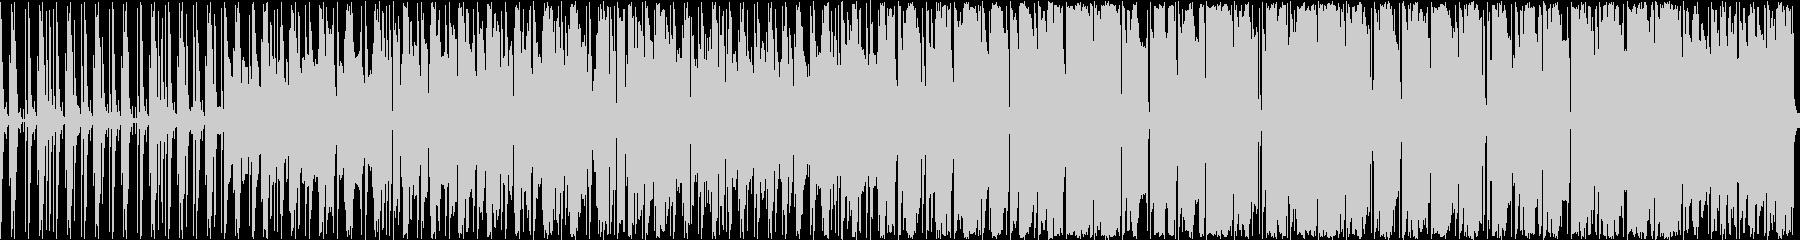 オルガンとドラムが主体の軽快な曲ですの未再生の波形